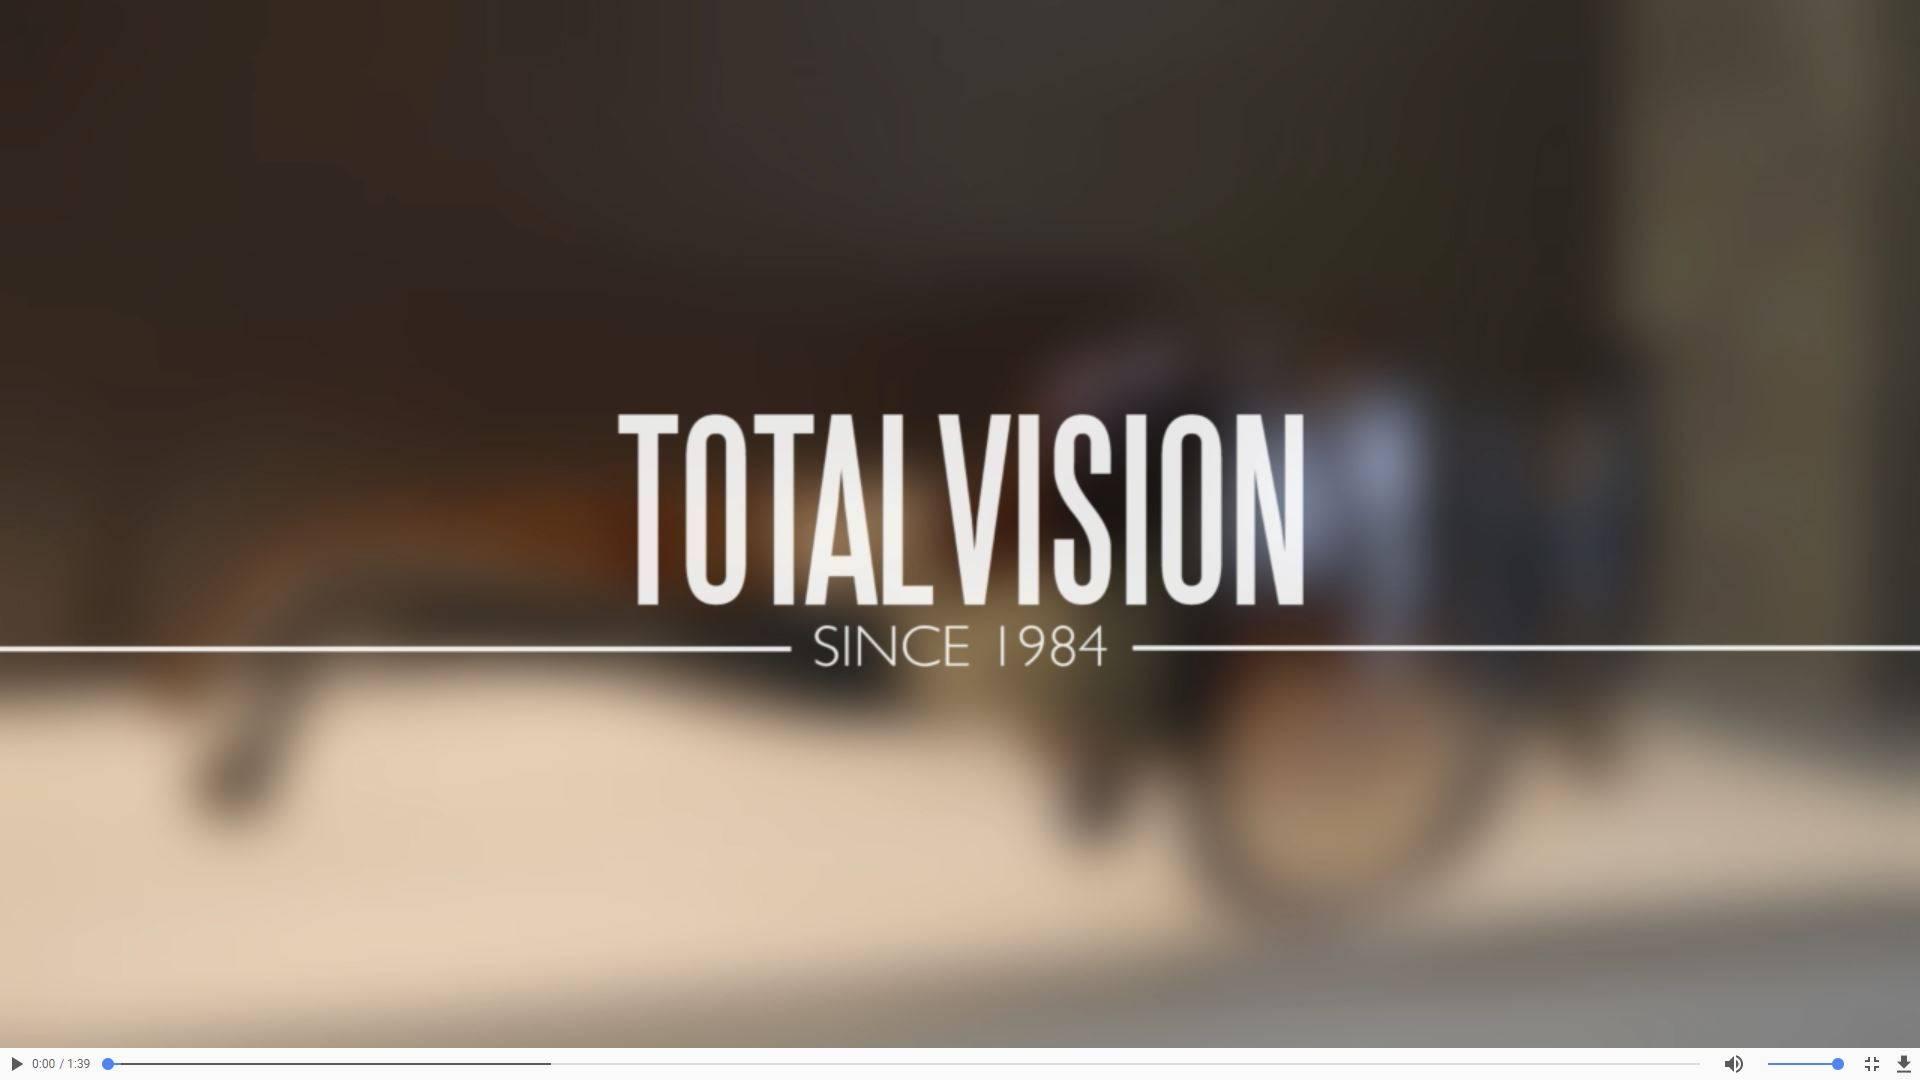 TotalVisionVideoCover